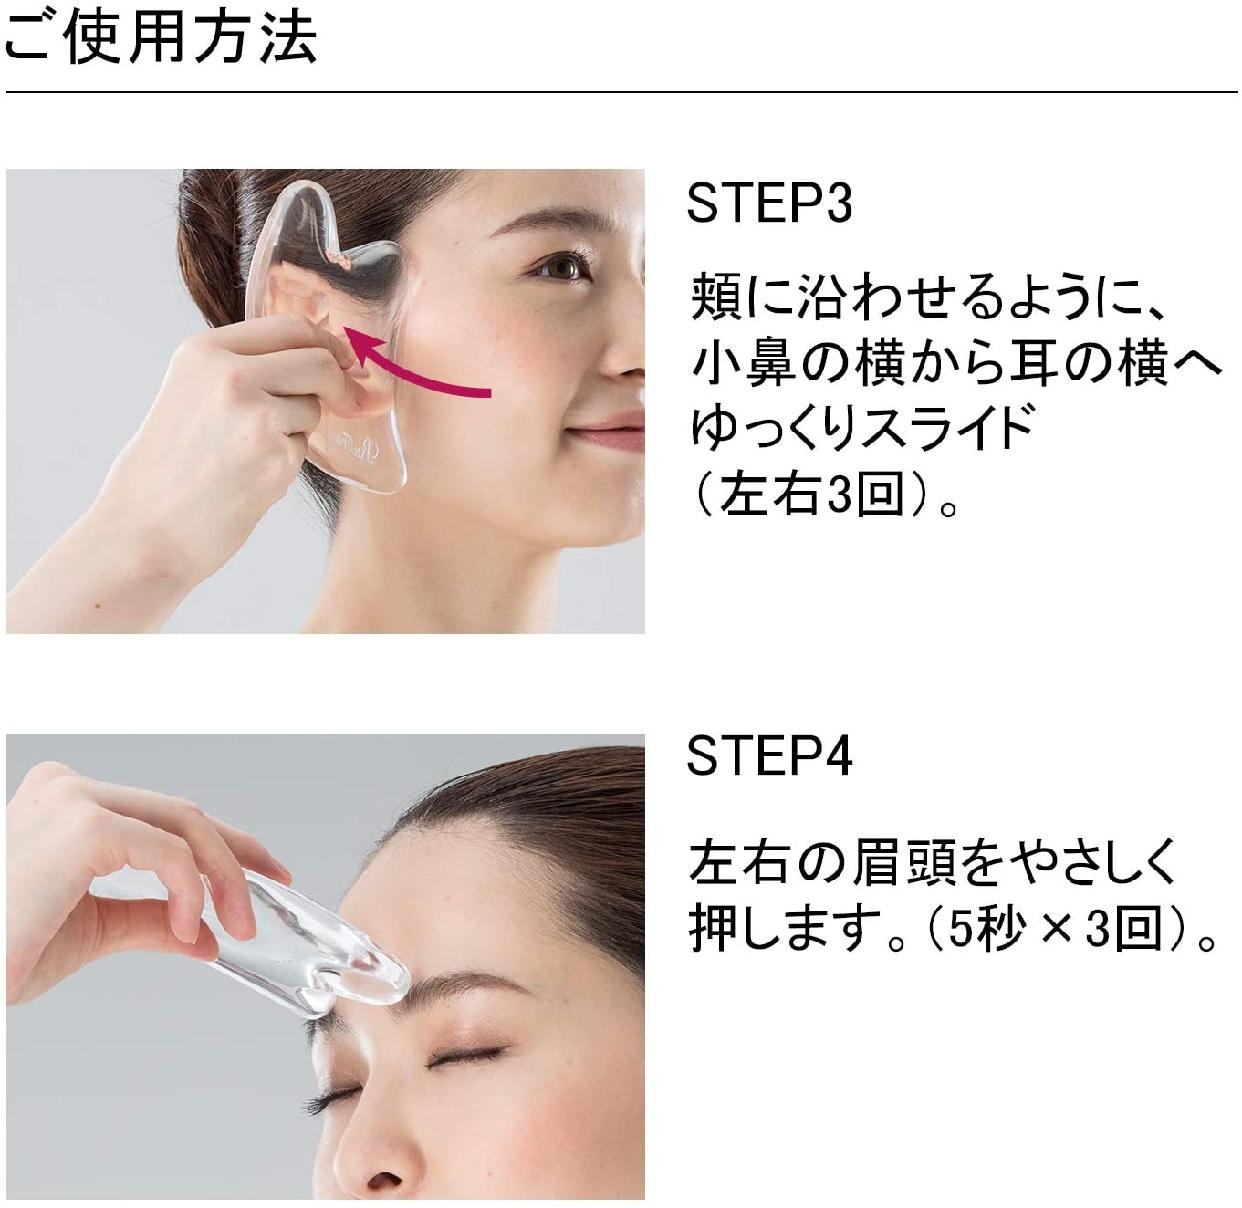 ReFa(リファ)フェイスカッサ (ReFa FACE CAXA)の商品画像5